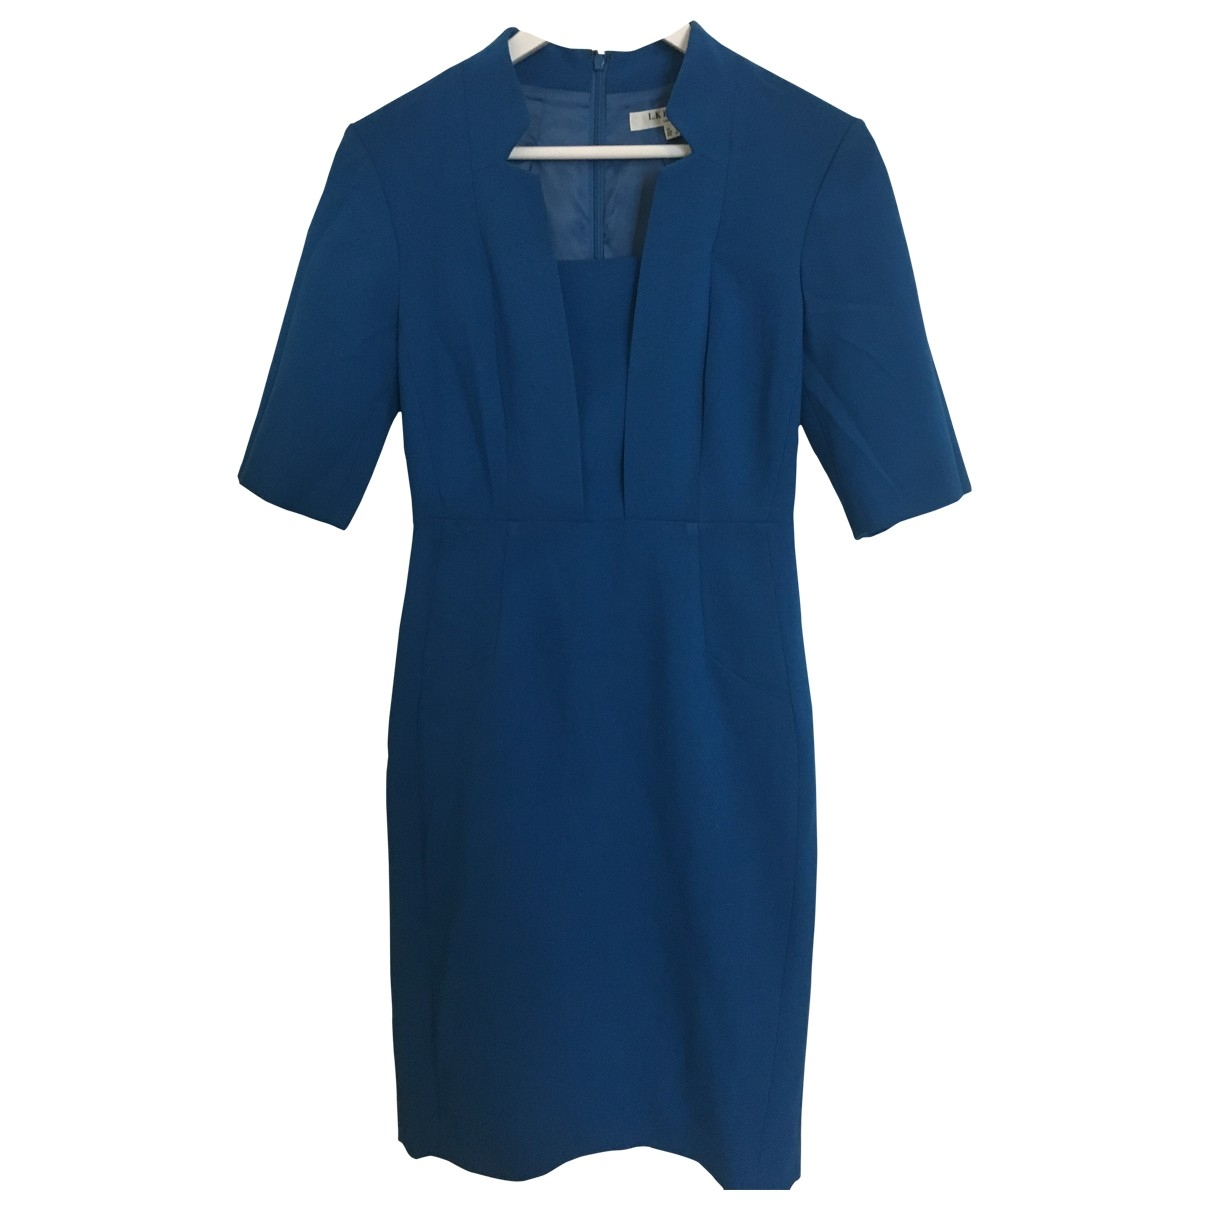 Lk Bennett \N Kleid in  Blau Synthetik